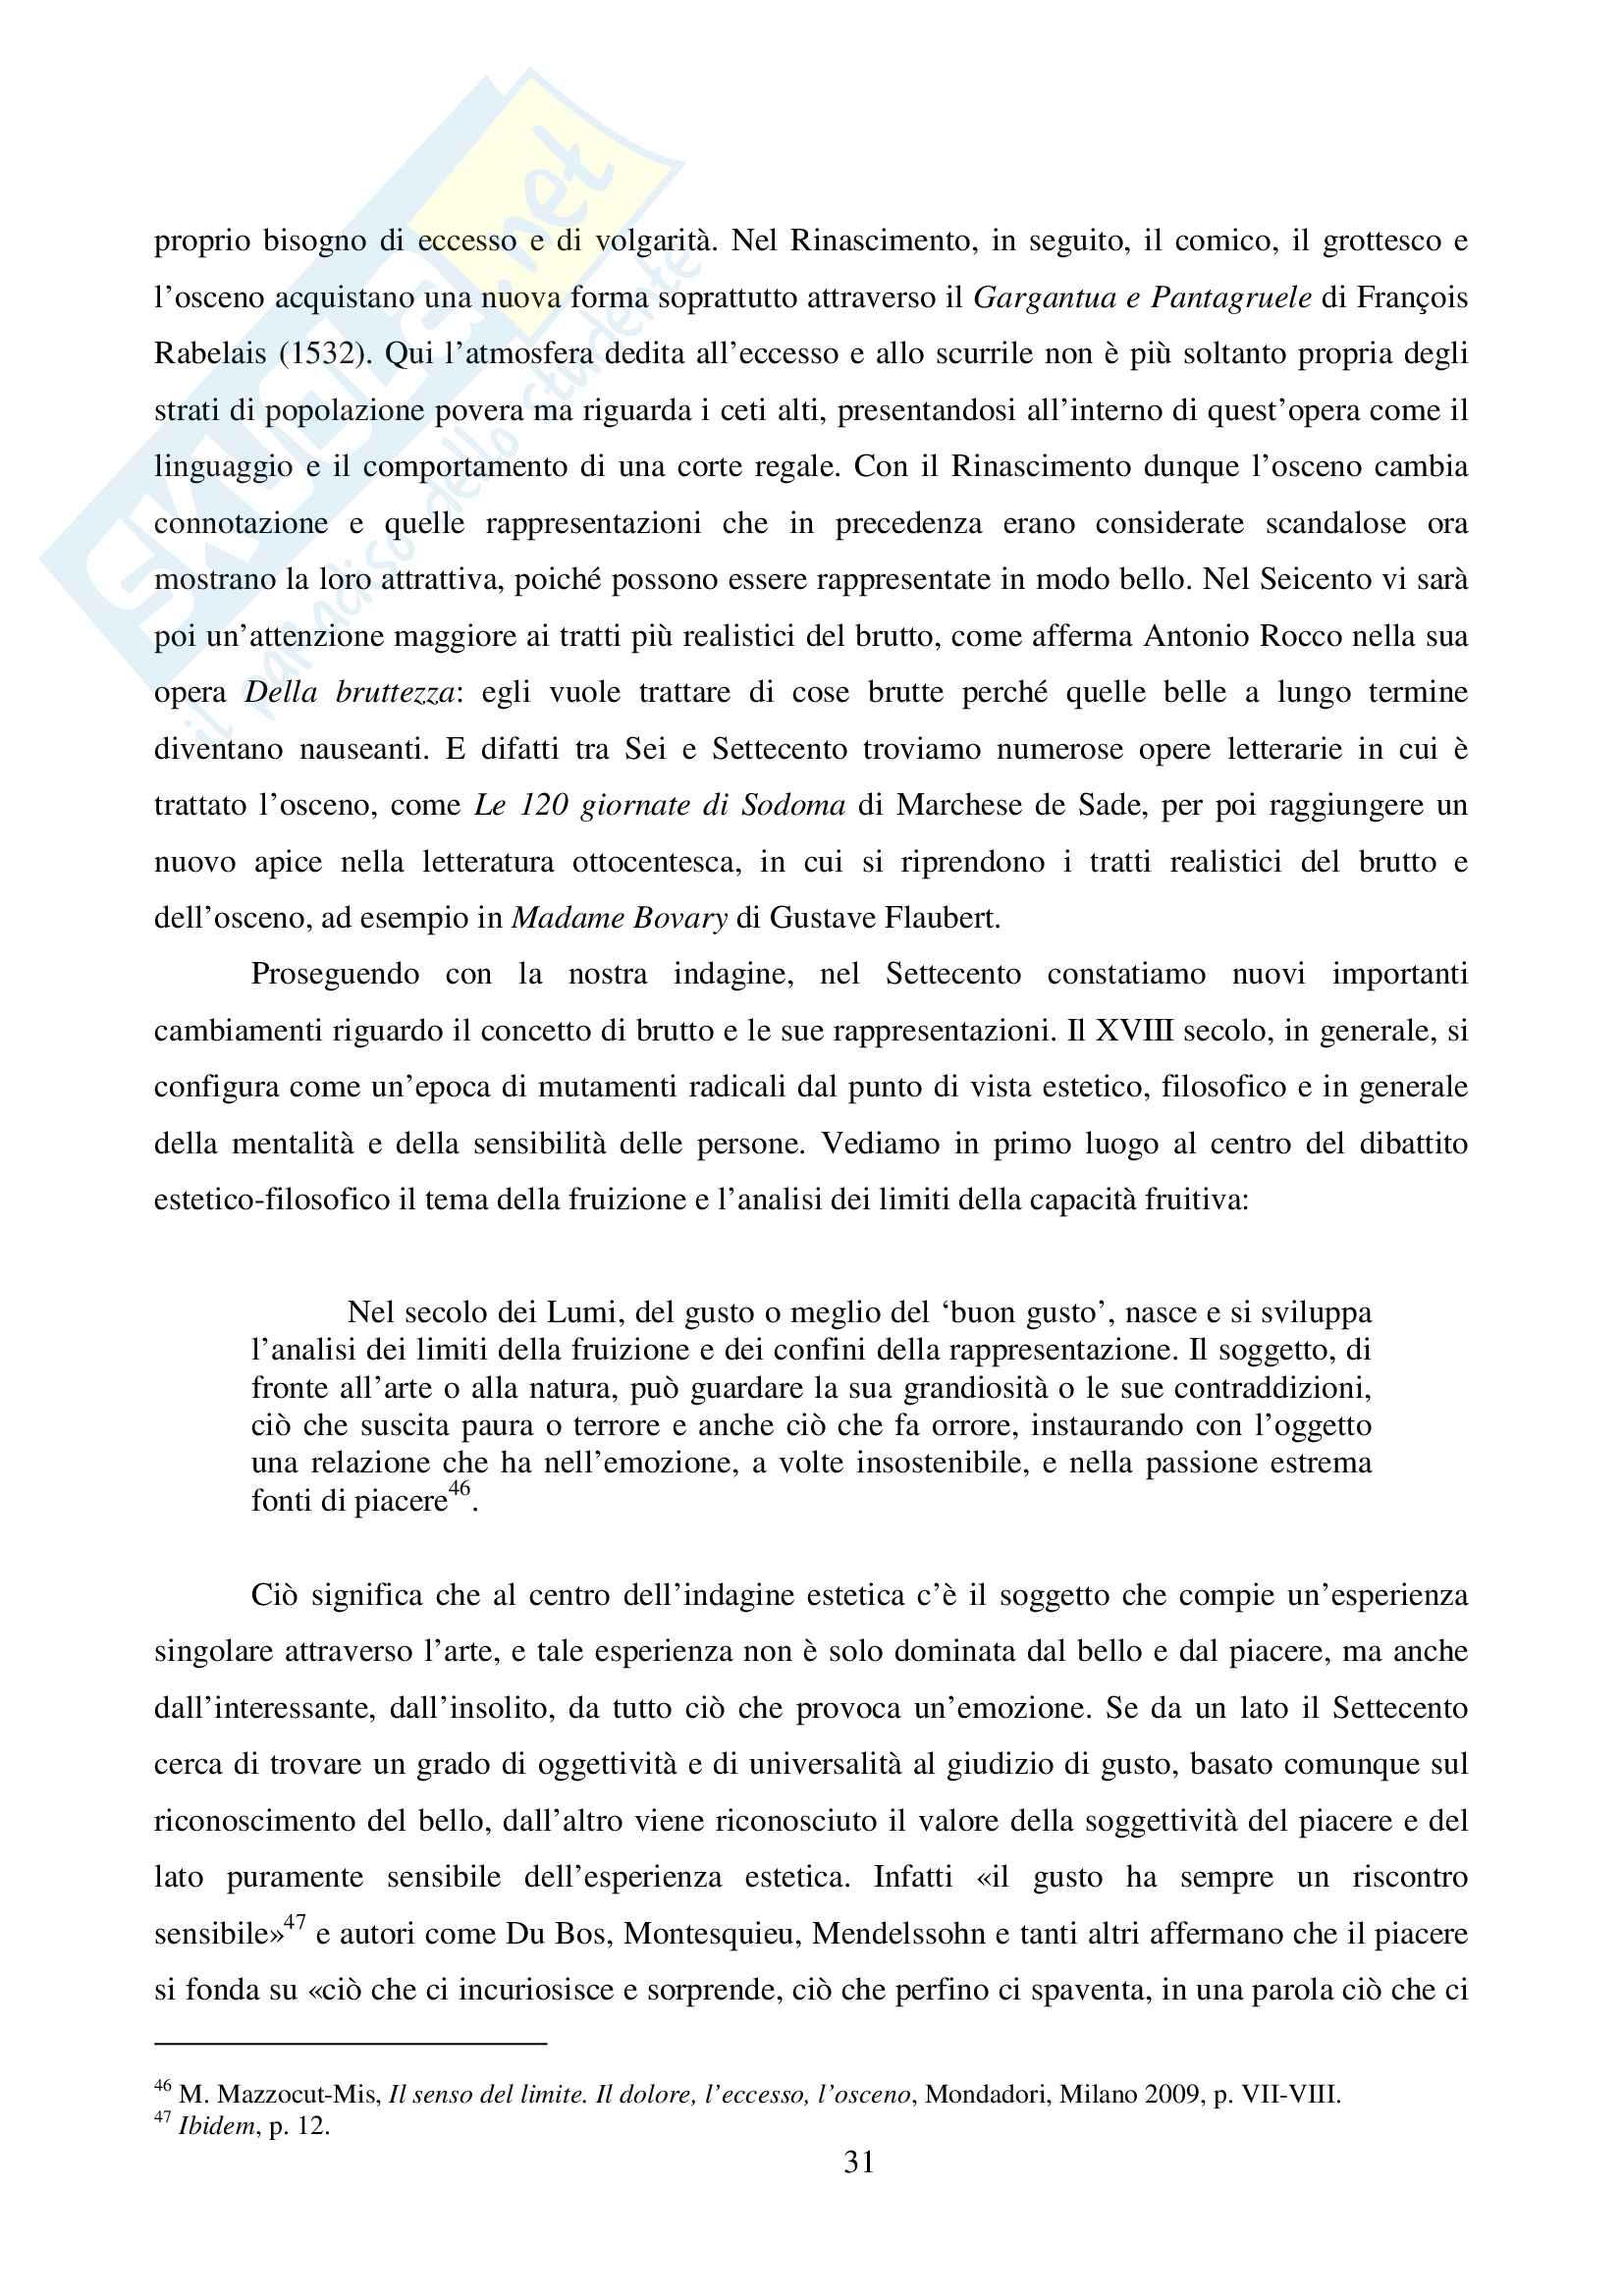 Tesi Magistrale in Scienze Filosofiche: Il piacere del disgusto Pag. 31